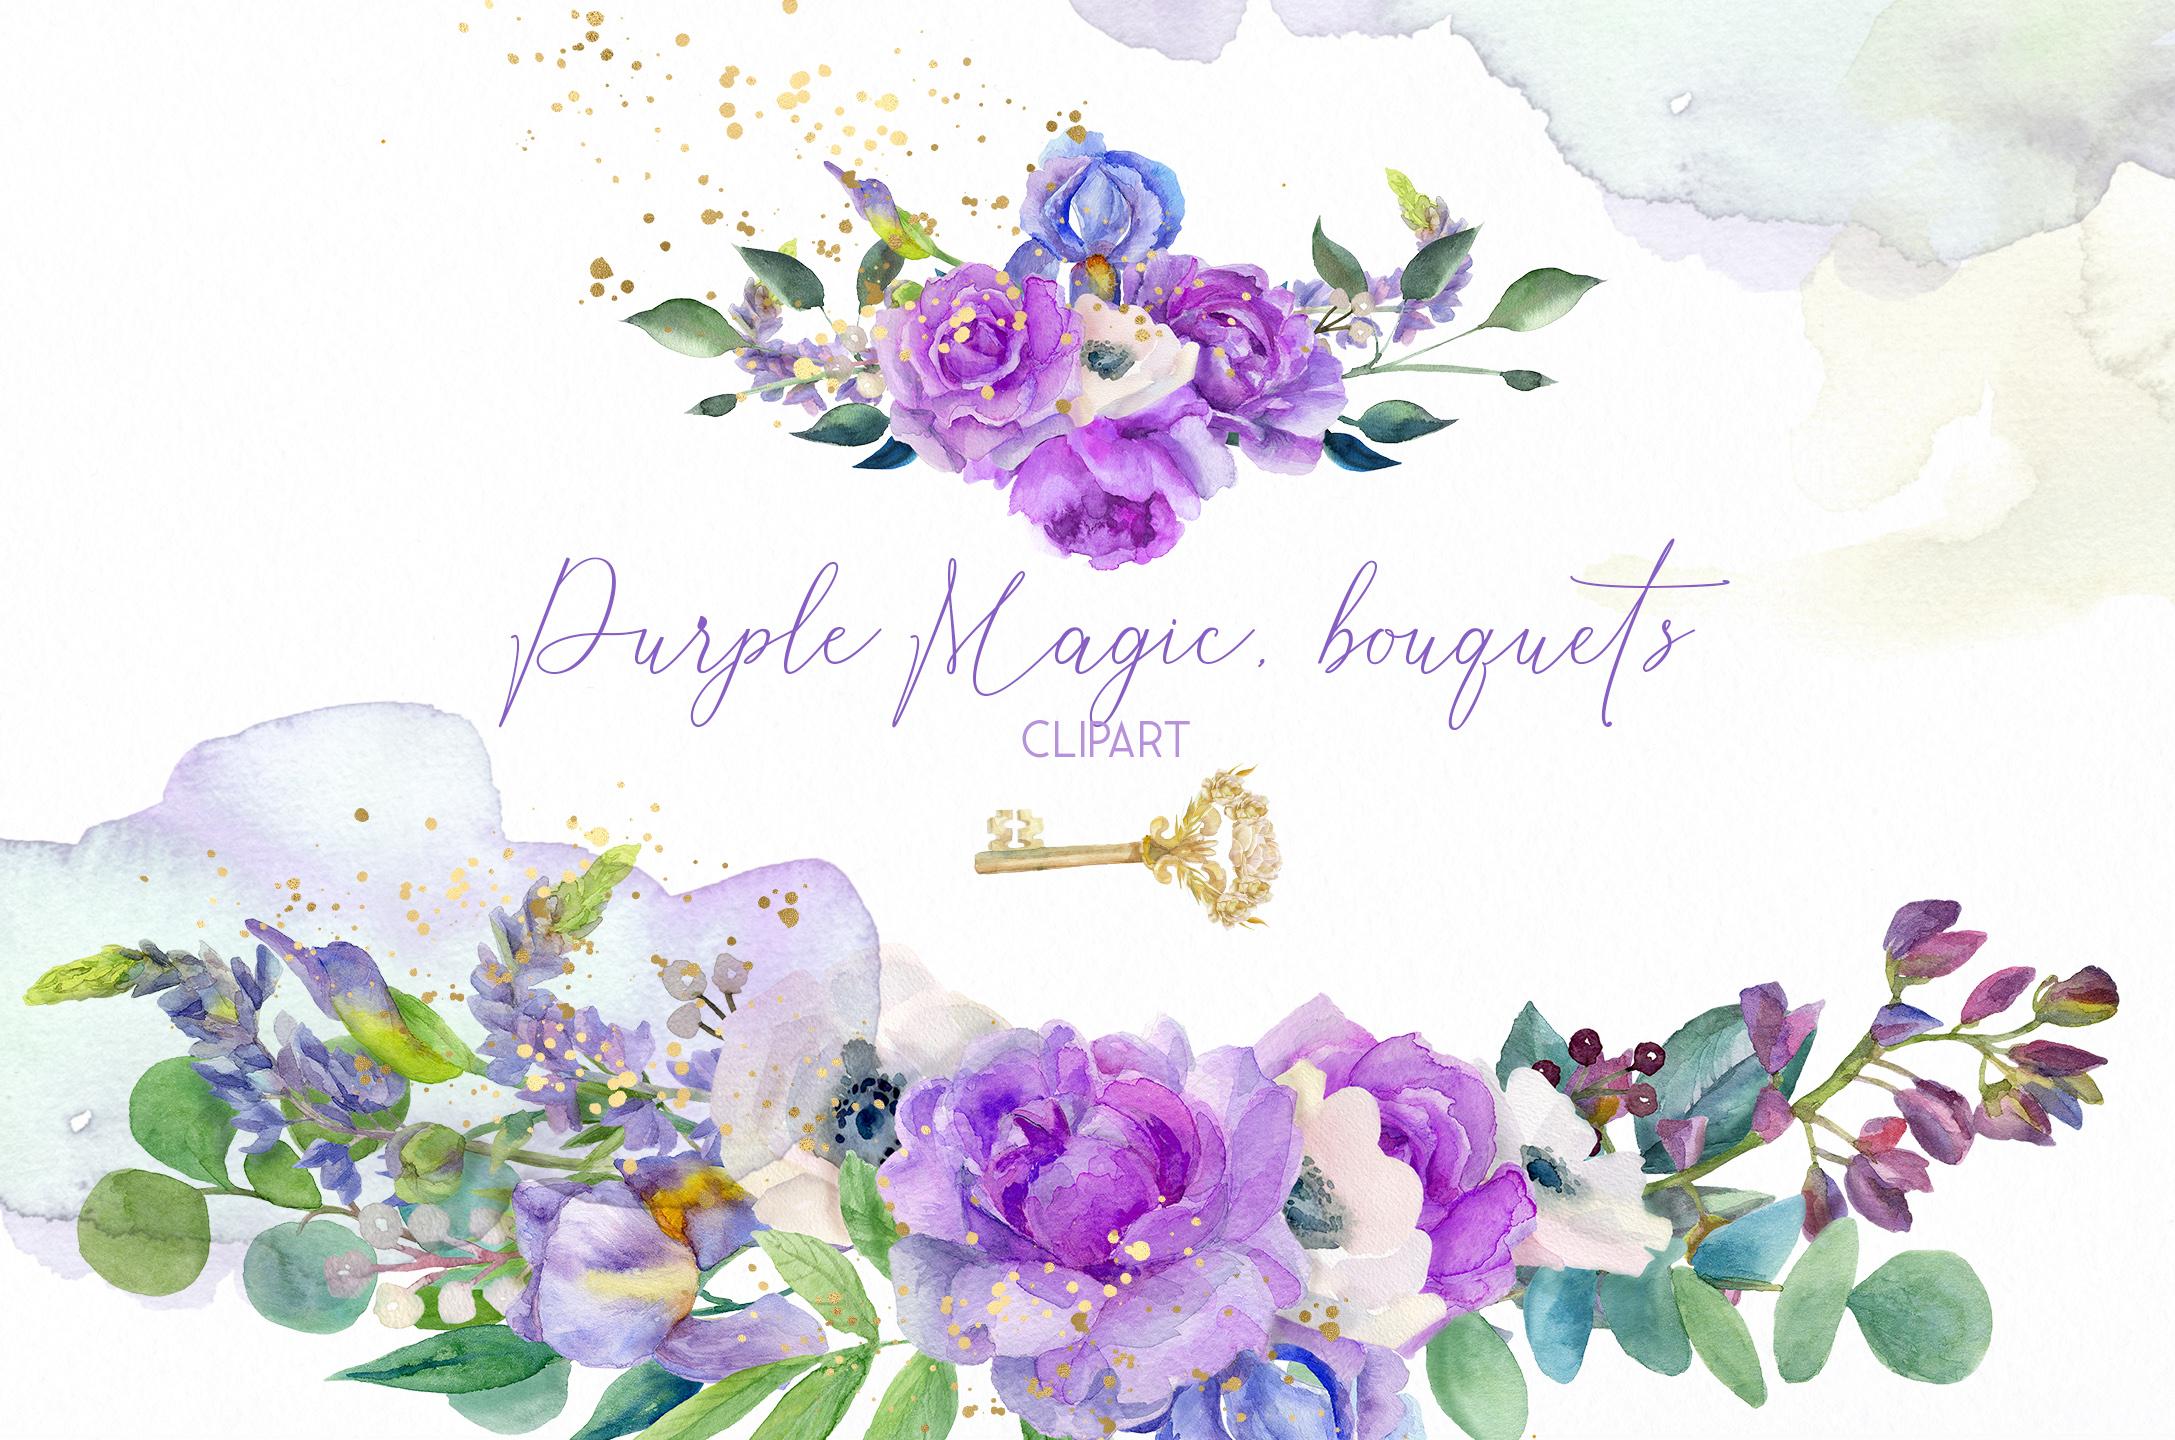 Watercolor purple bouquets clipart wedding arrangement example image 4